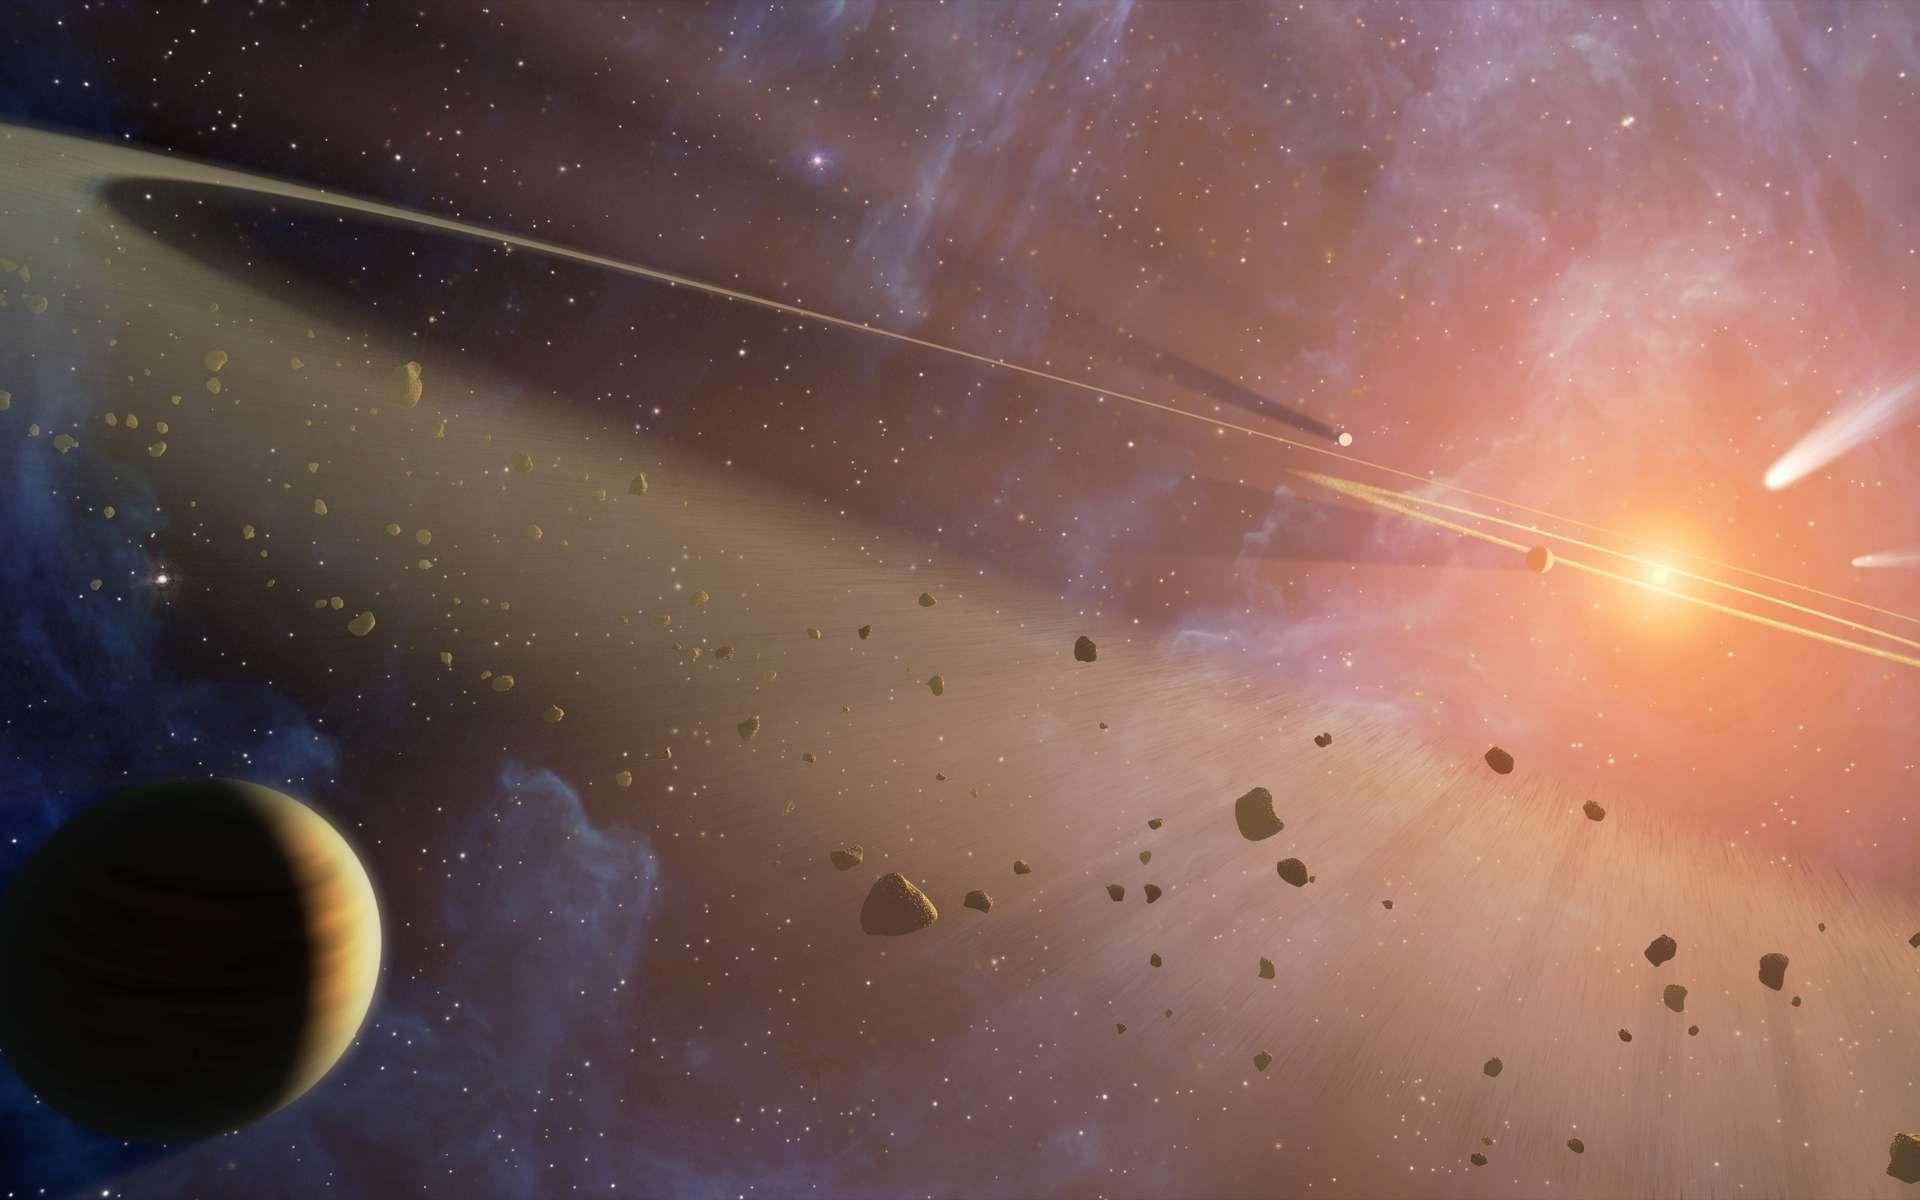 Cette vue d'artiste représente Epsilon Eridani, le système planétaire le plus proche du Système solaire. Il contiendrait notamment deux ceintures d'astéroïdes. © Nasa, JPL-Caltech